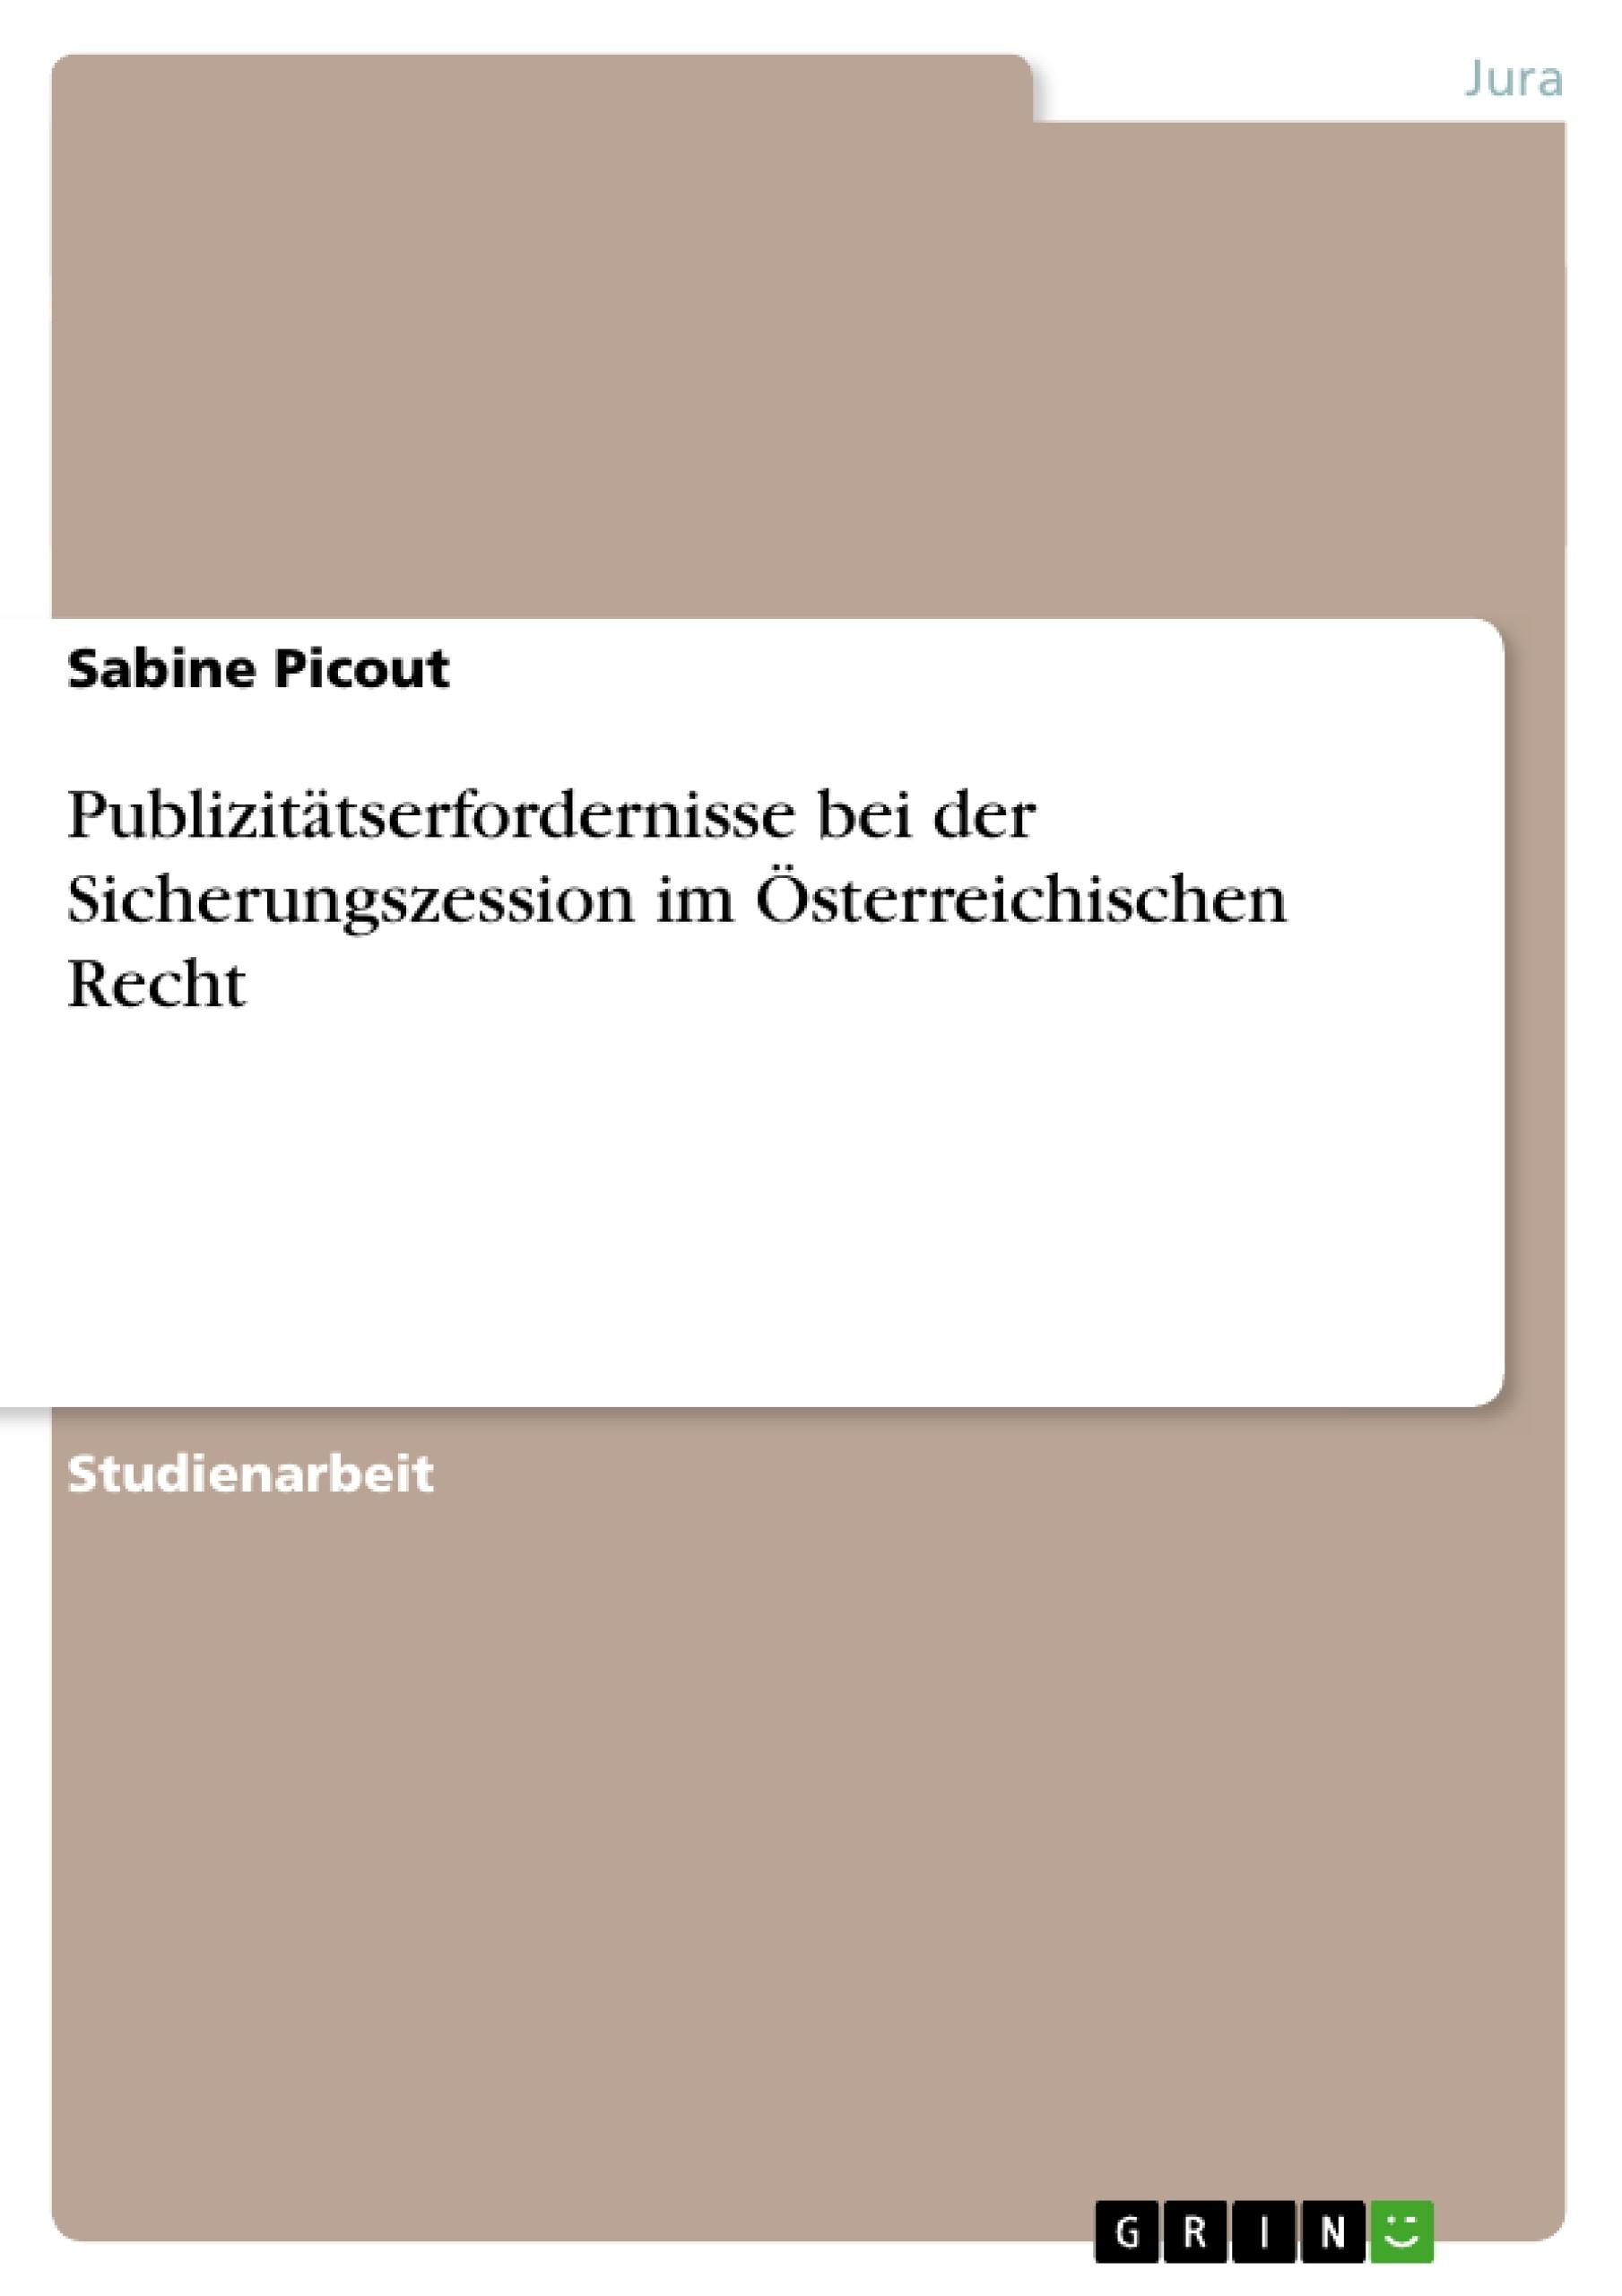 Titel: Publizitätserfordernisse bei der Sicherungszession im Österreichischen Recht